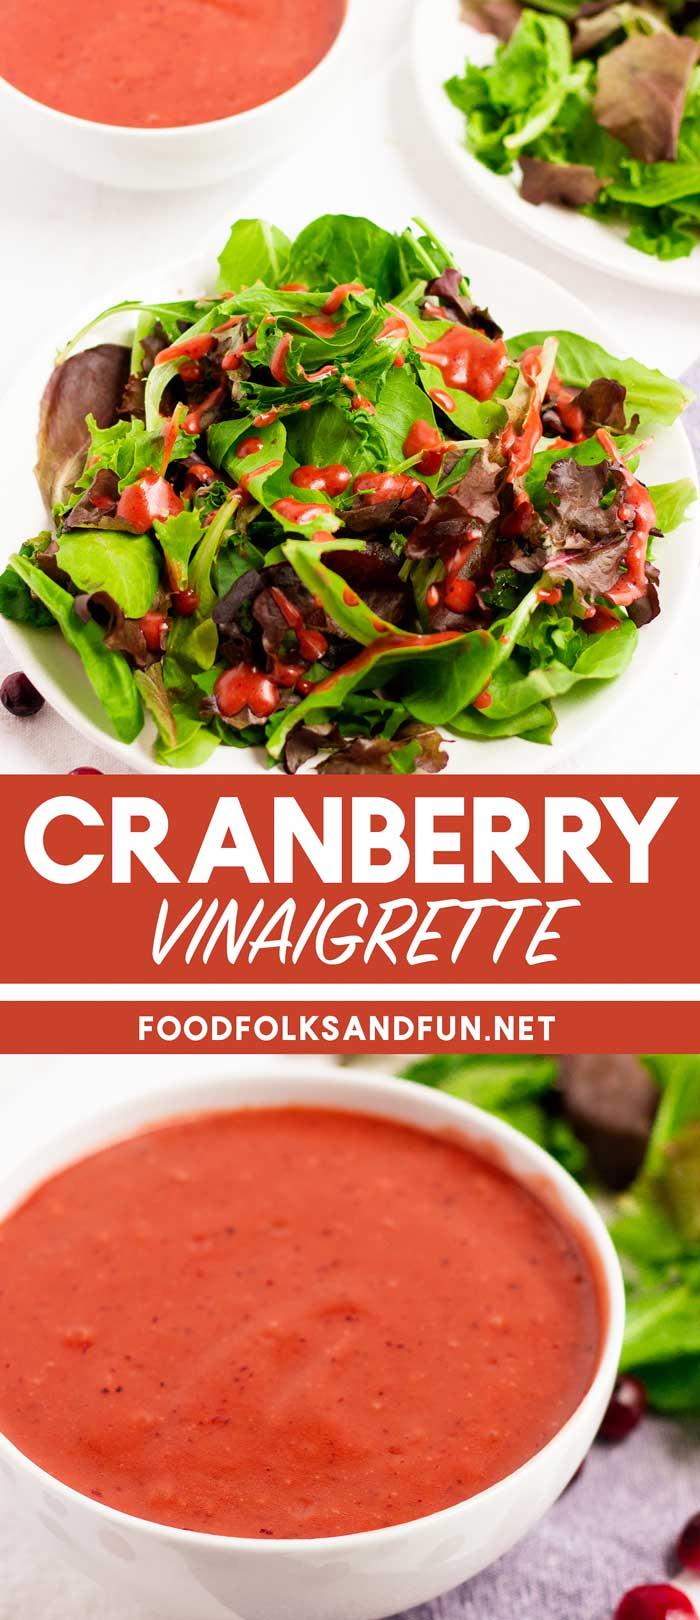 Cranberry Vinaigrette for salad